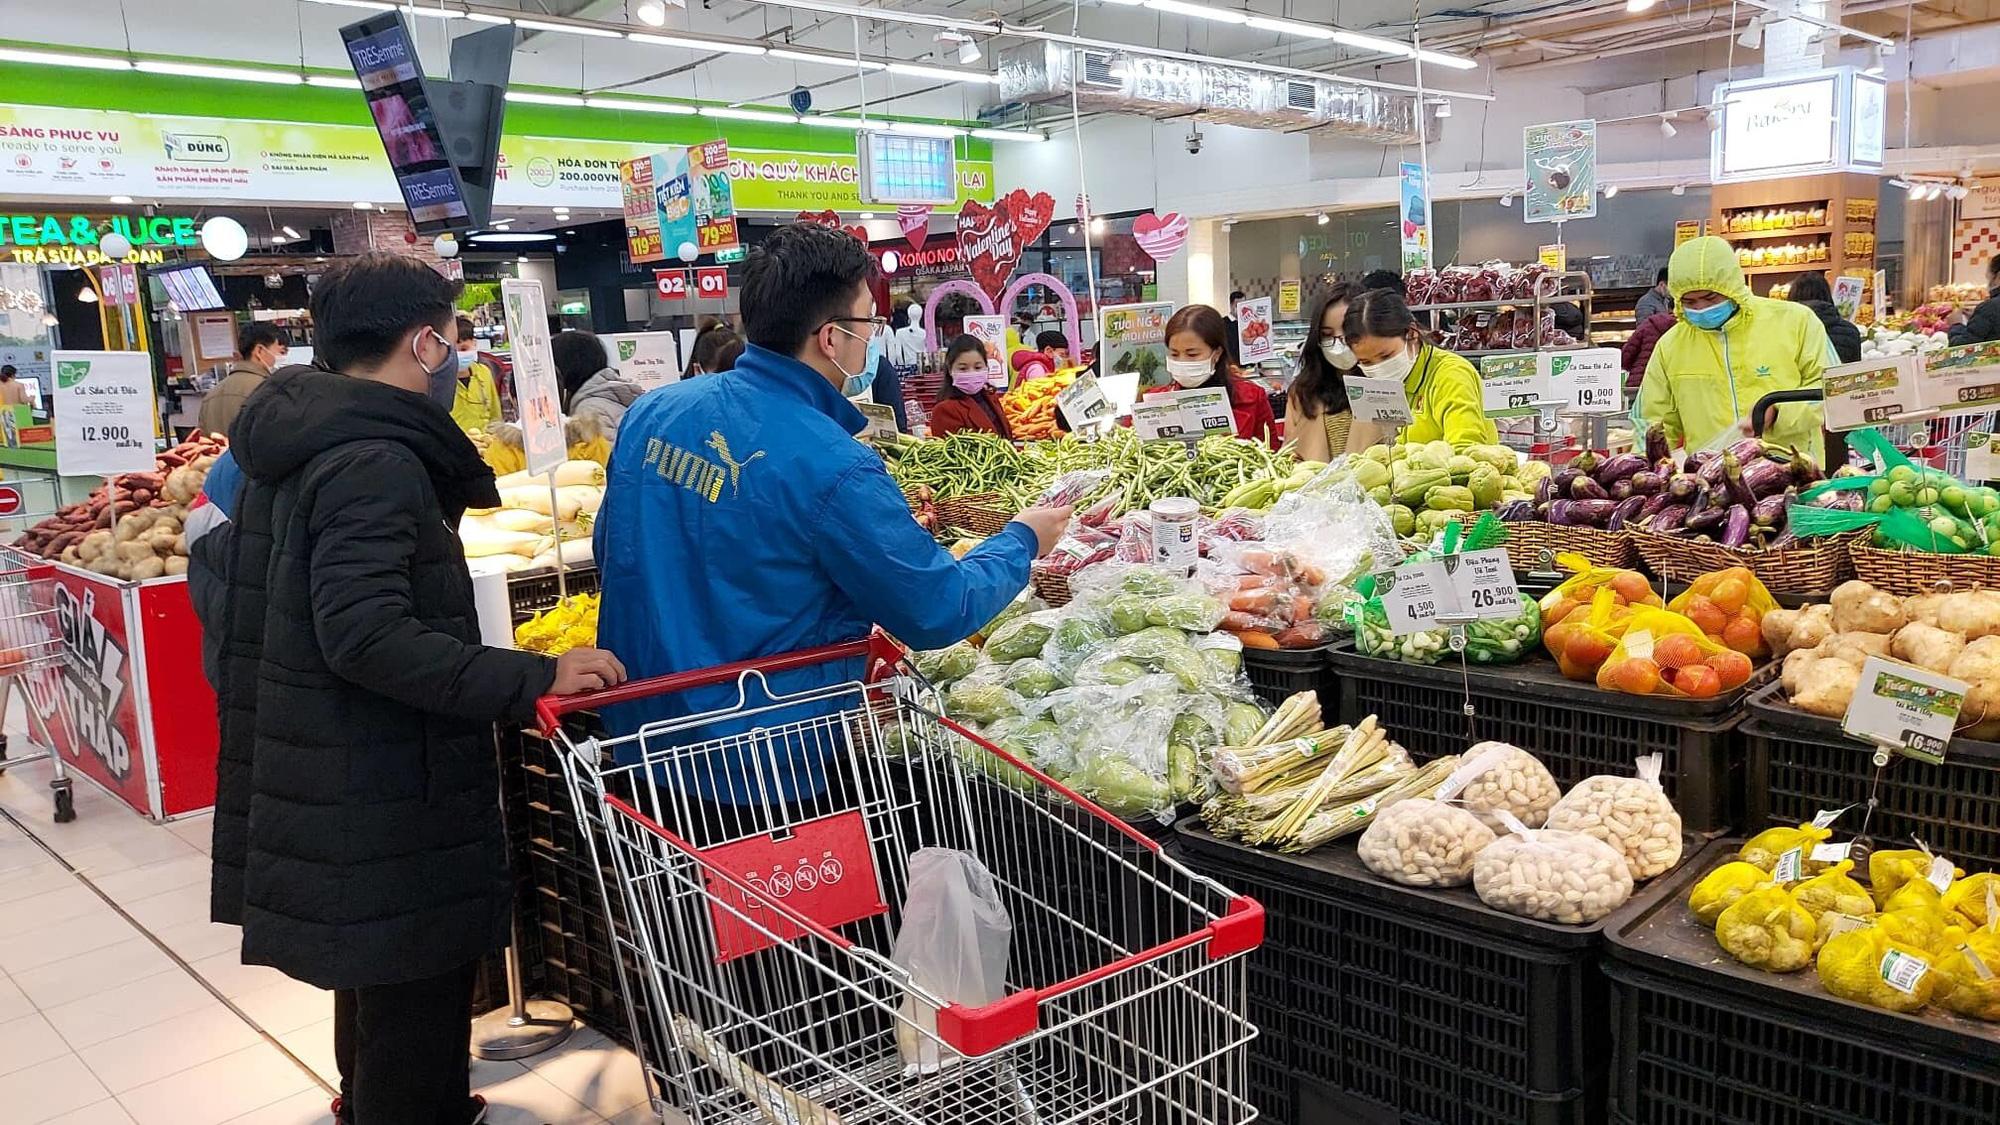 Xu hướng tiêu dùng thay đổi thời covid-19, các doanh nghiệp sẽ ứng phó ra sao? - Ảnh 1.